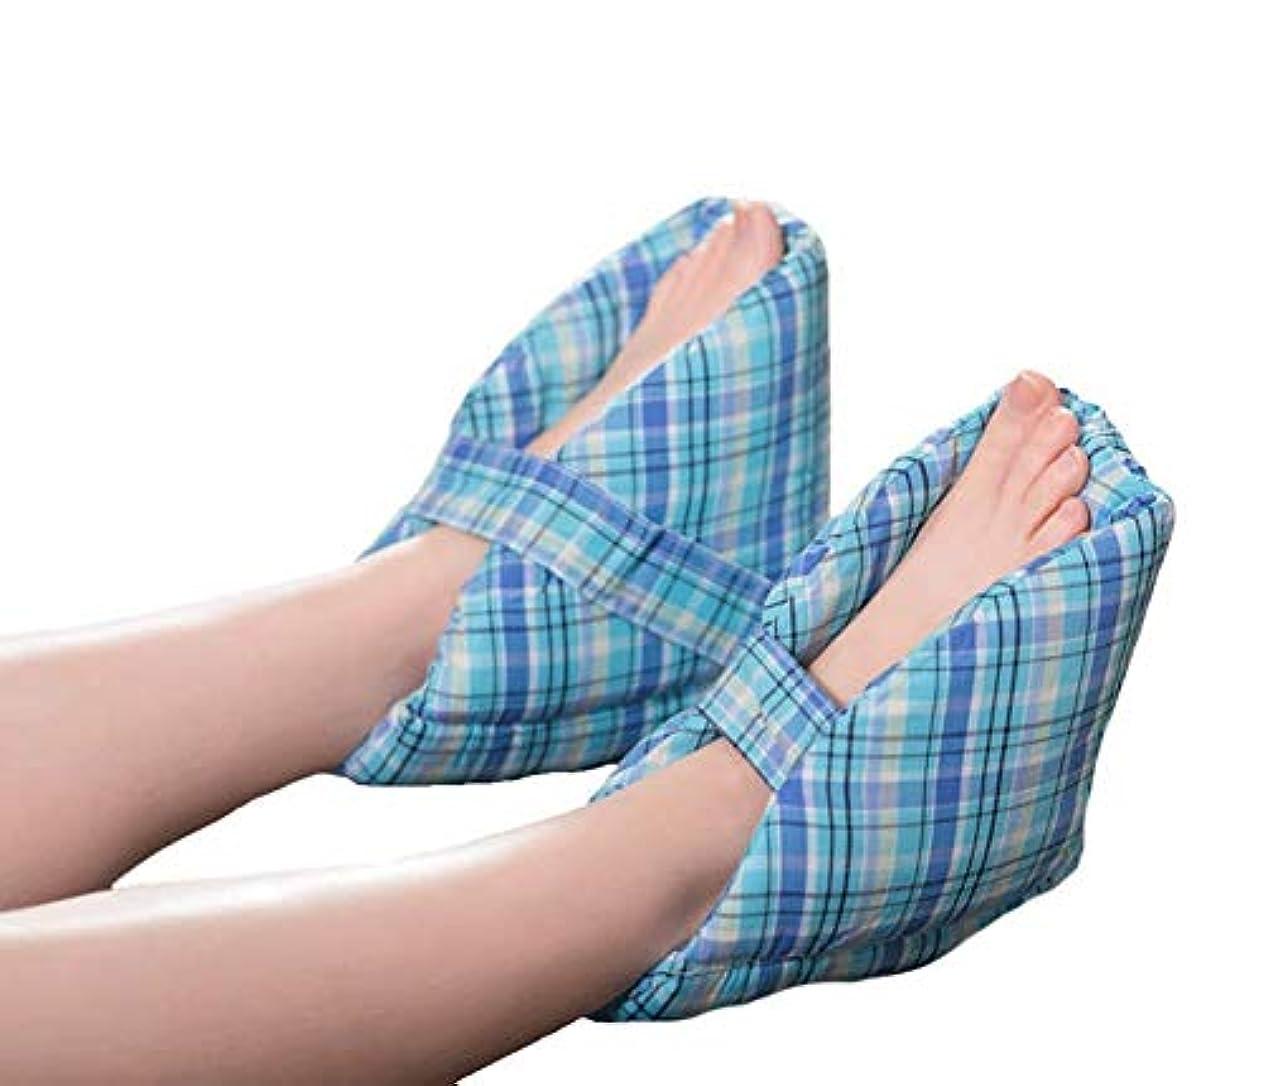 達成ラジウムサーマルかかとプロテクター枕、足補正カバー、効果的なPressure瘡とかかと潰瘍の救済、腫れた足に最適、快適なかかと保護足枕、1ペア